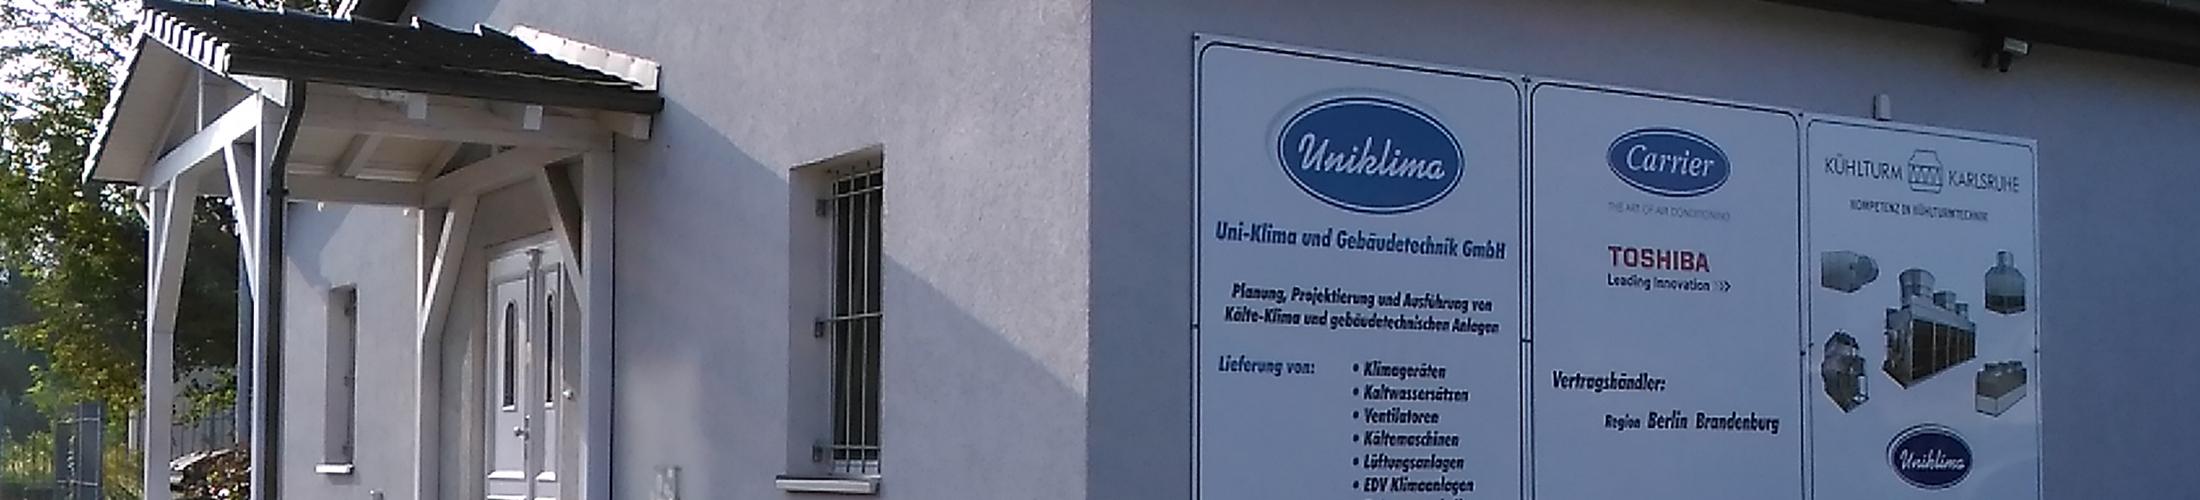 Uni Klima- und Gebäudetechnik GmbH | Uniklima